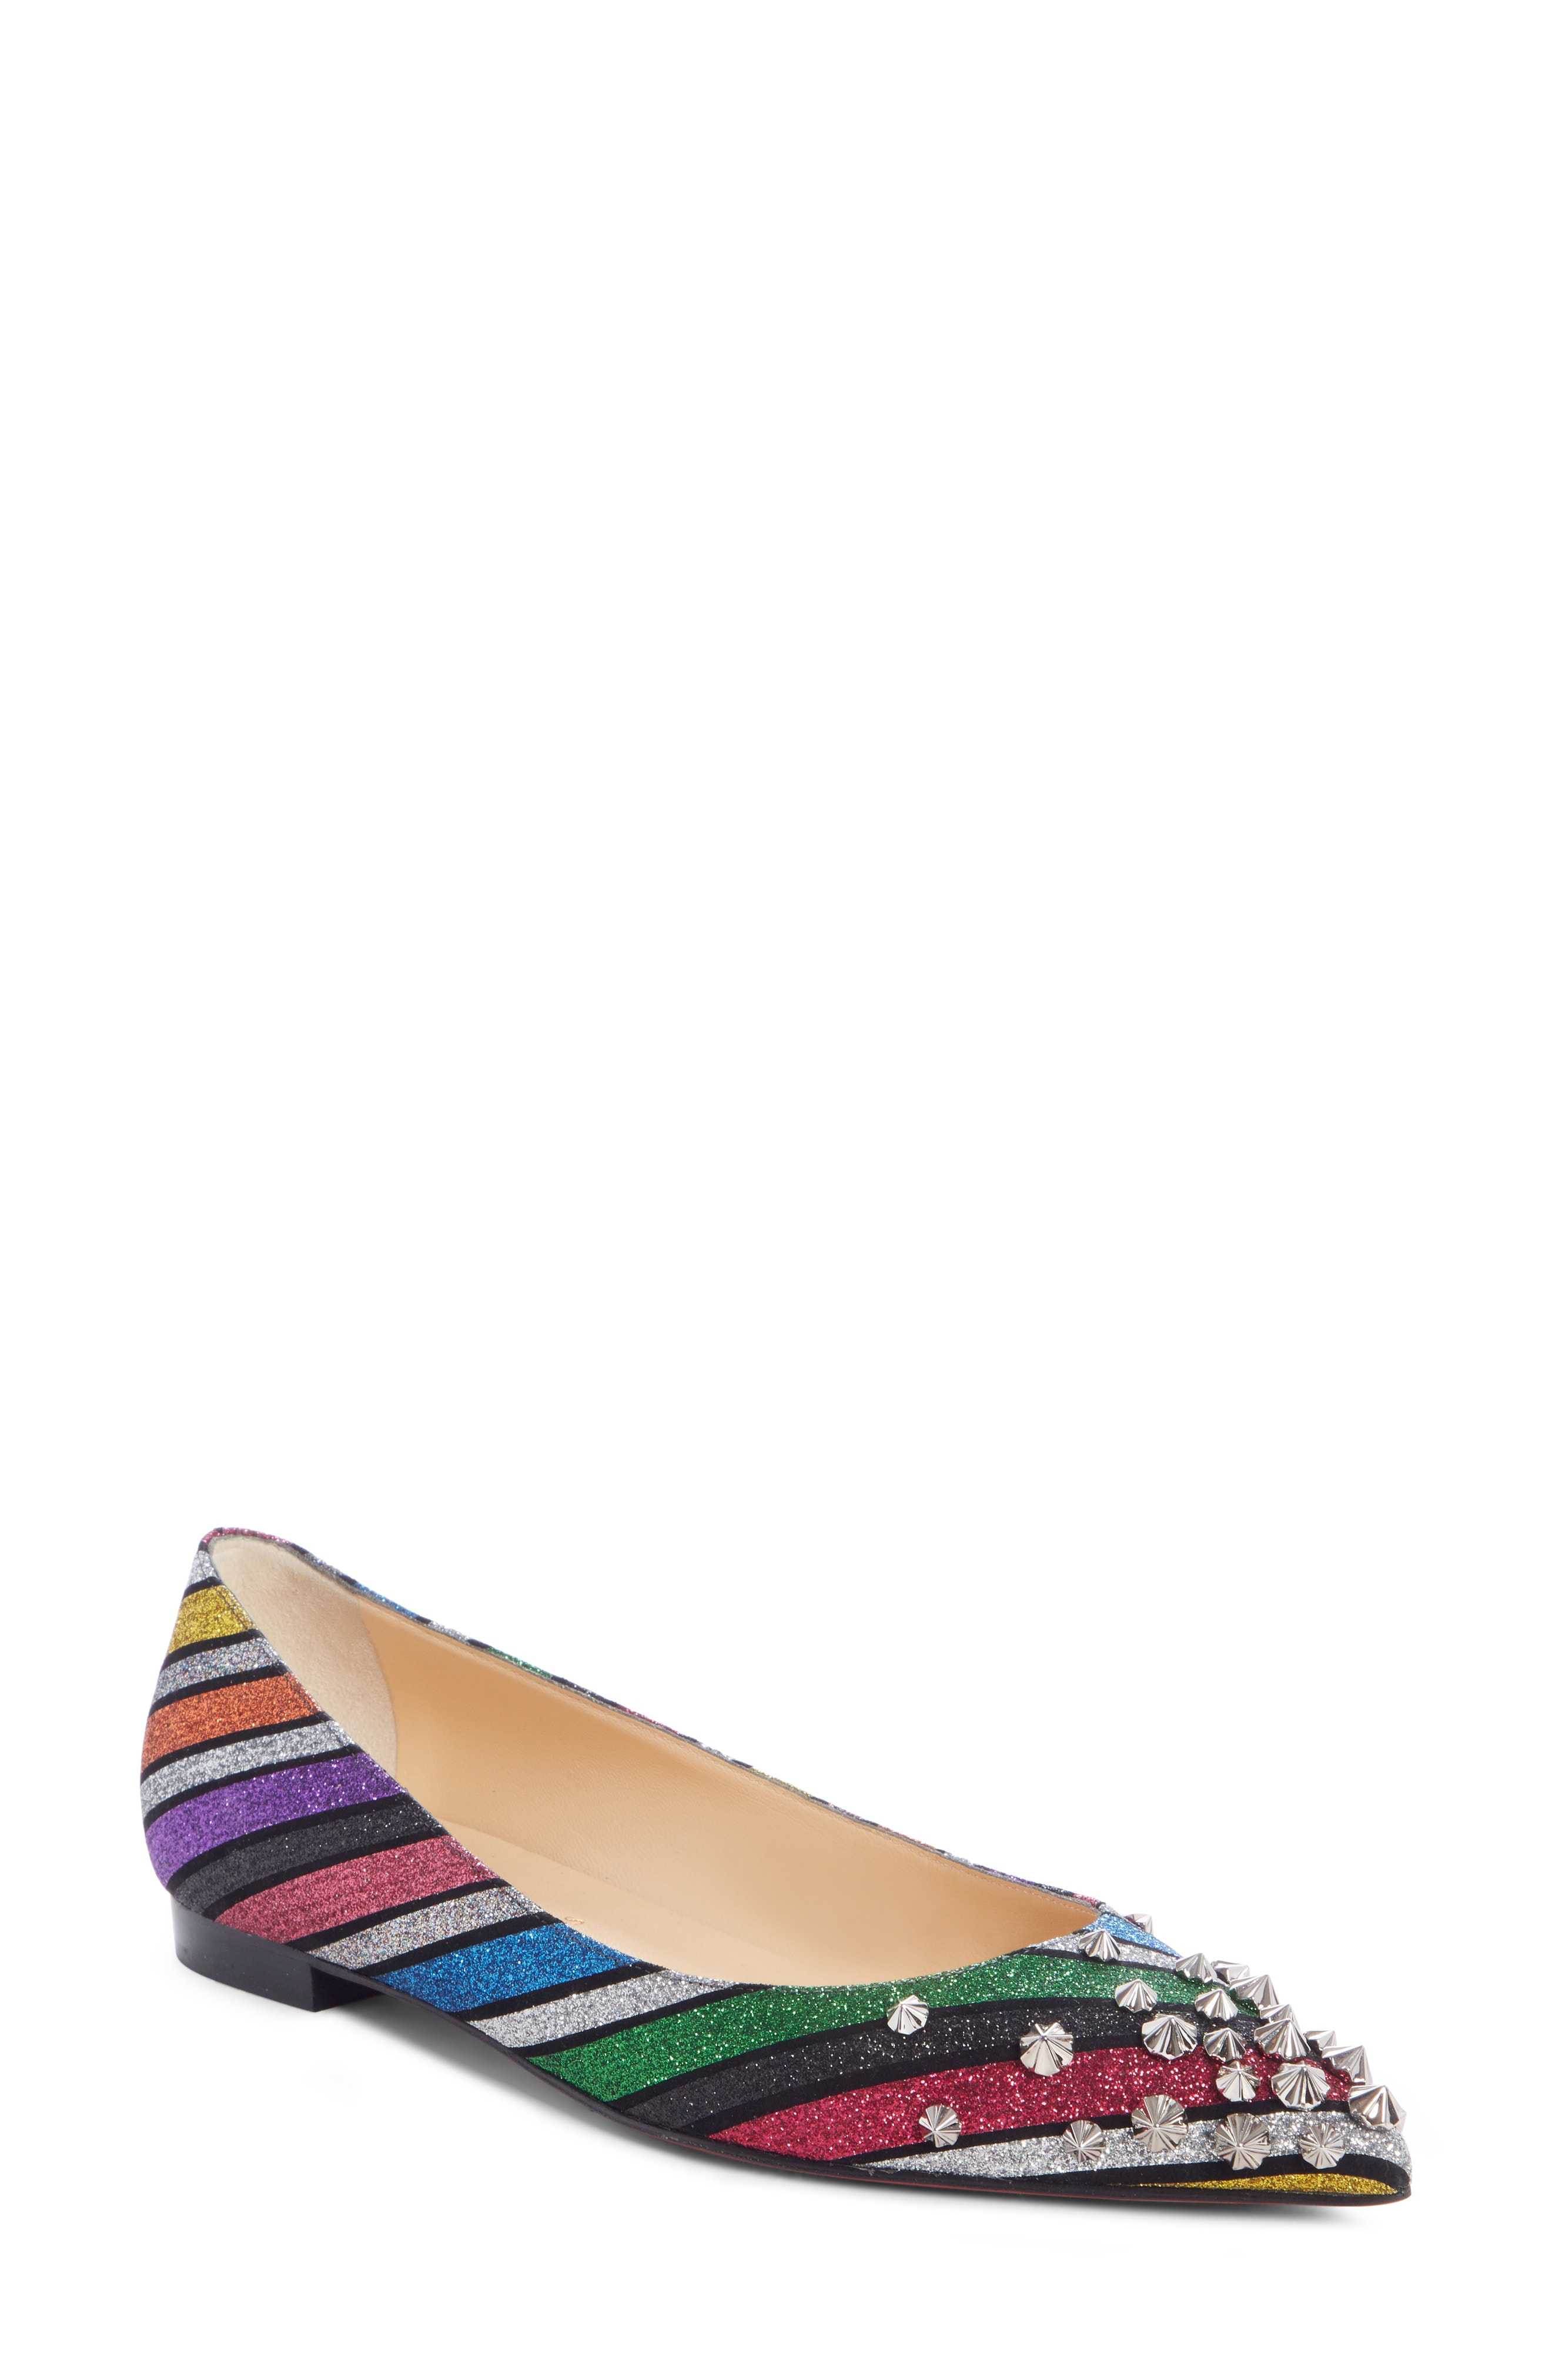 Christian Louboutin Drama Striped Studded Flat (Women)